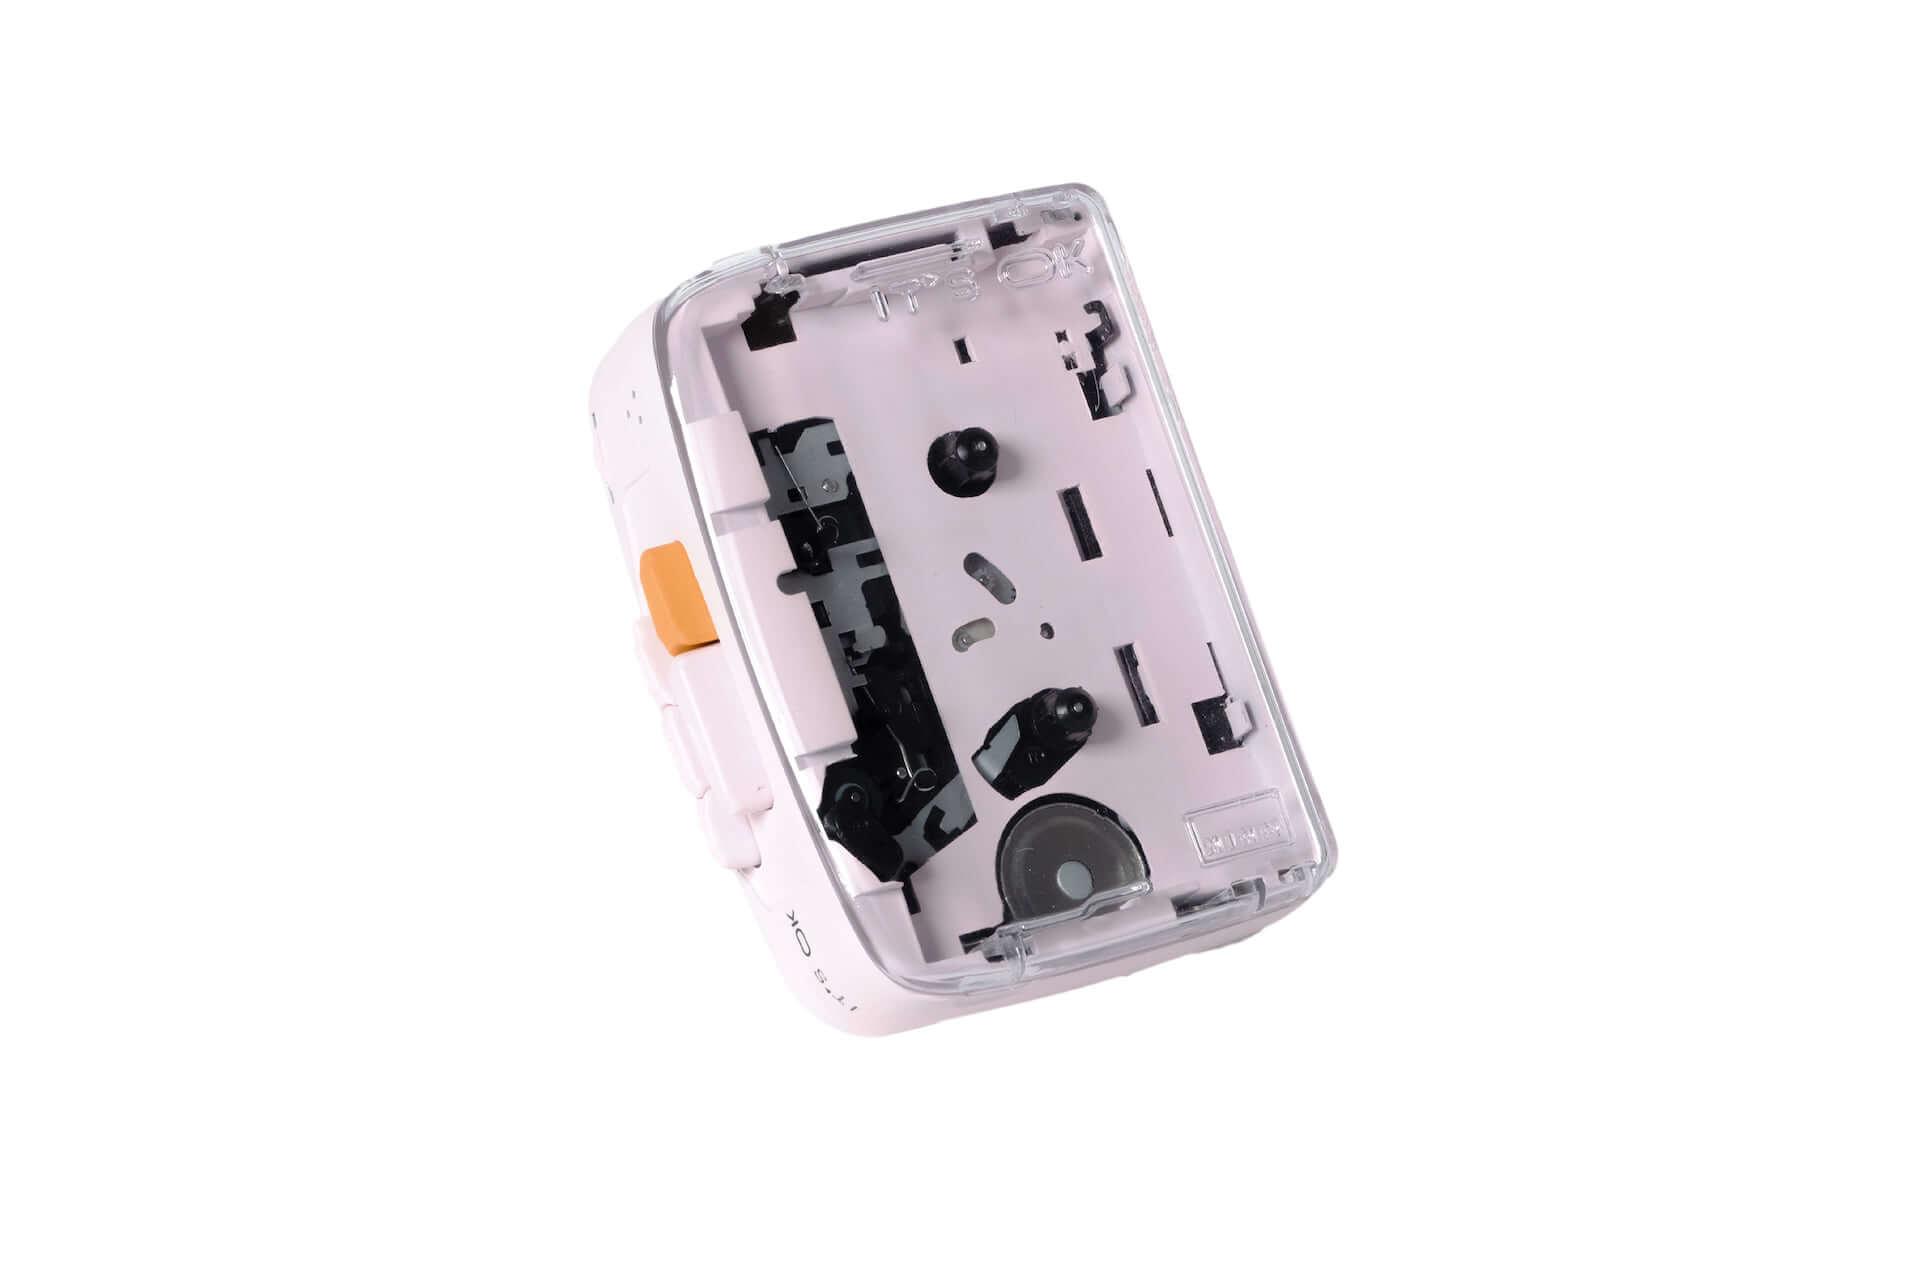 世界初!Bluetooth 5.0対応カセットプレイヤー「IT'S OK」が登場|最新の音楽をレトロな音質で堪能 technology190705itsok-bluetooth_8-1920x1280